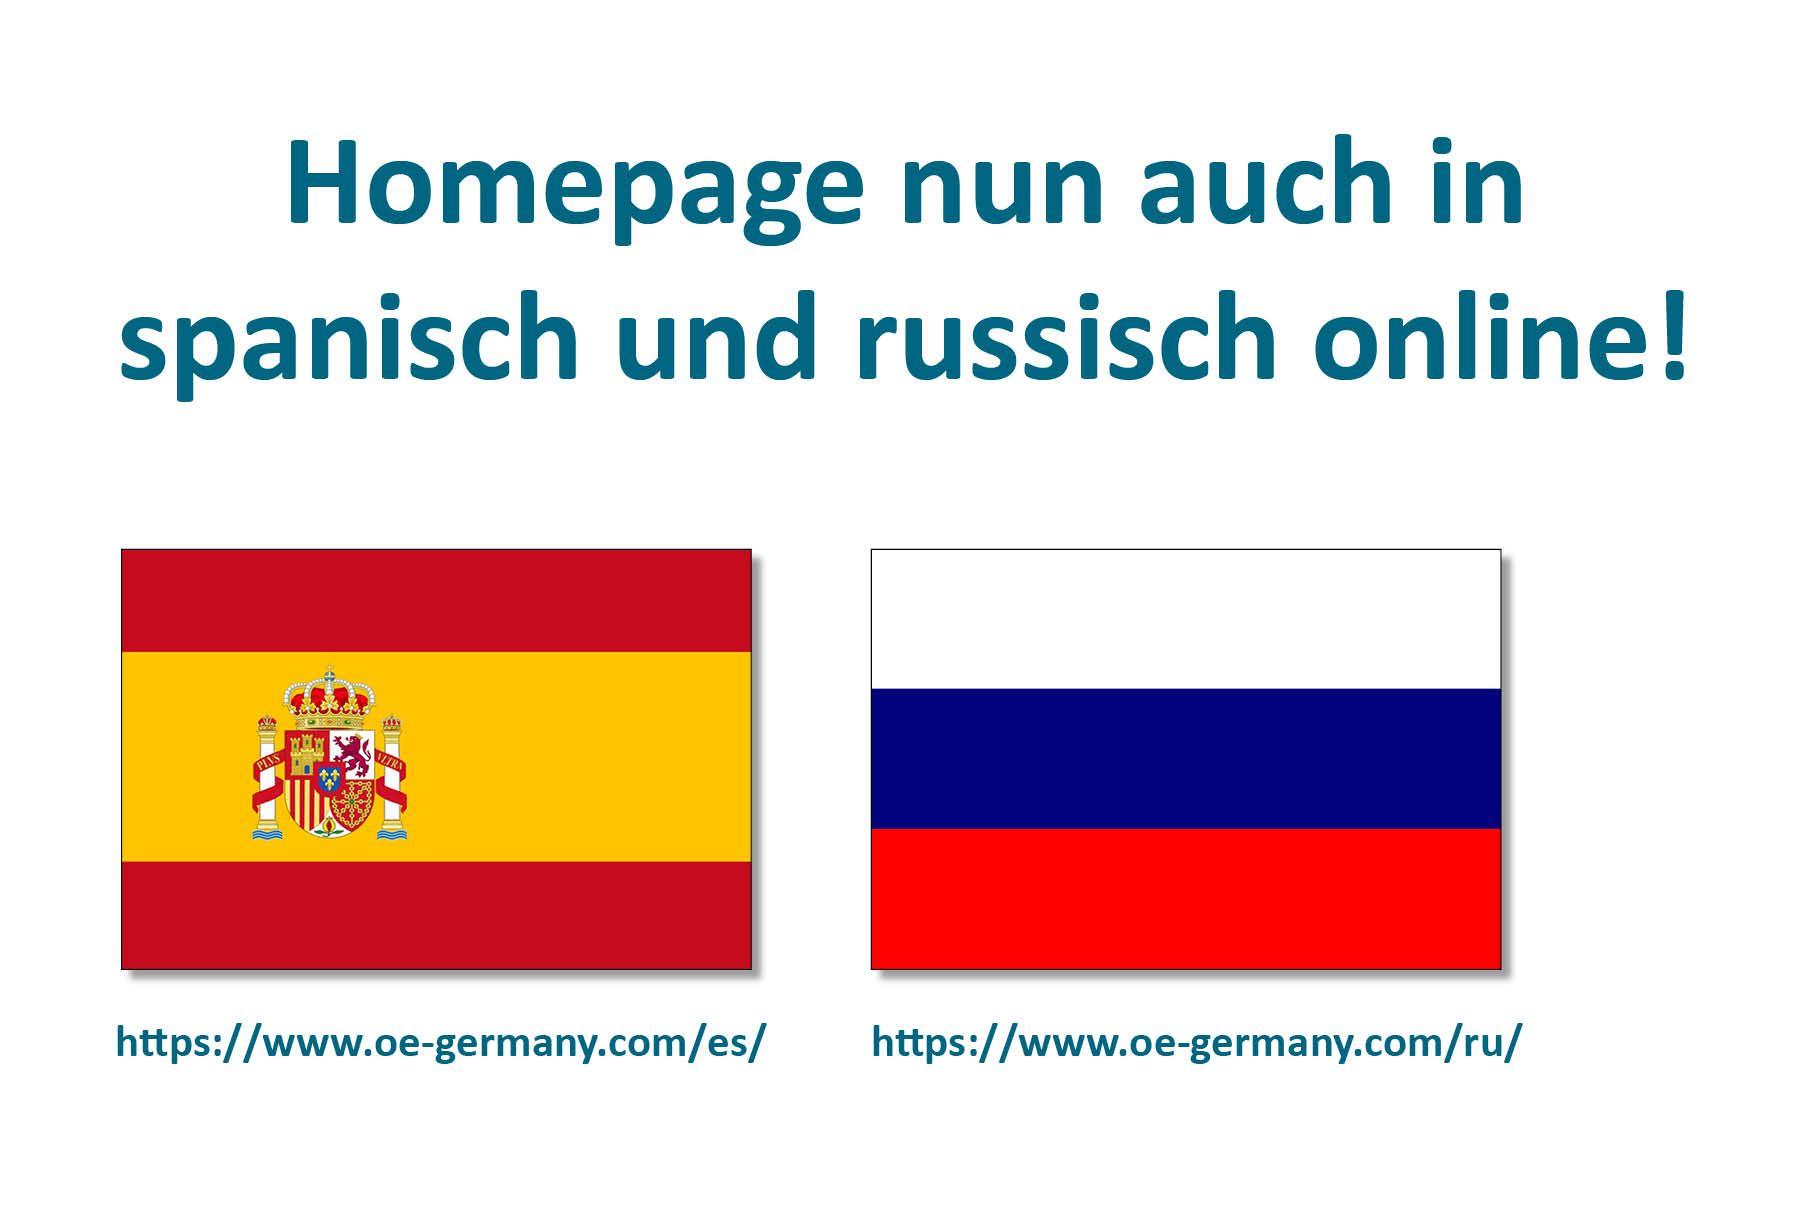 Homepage nun auch in spanisch und russisch online!